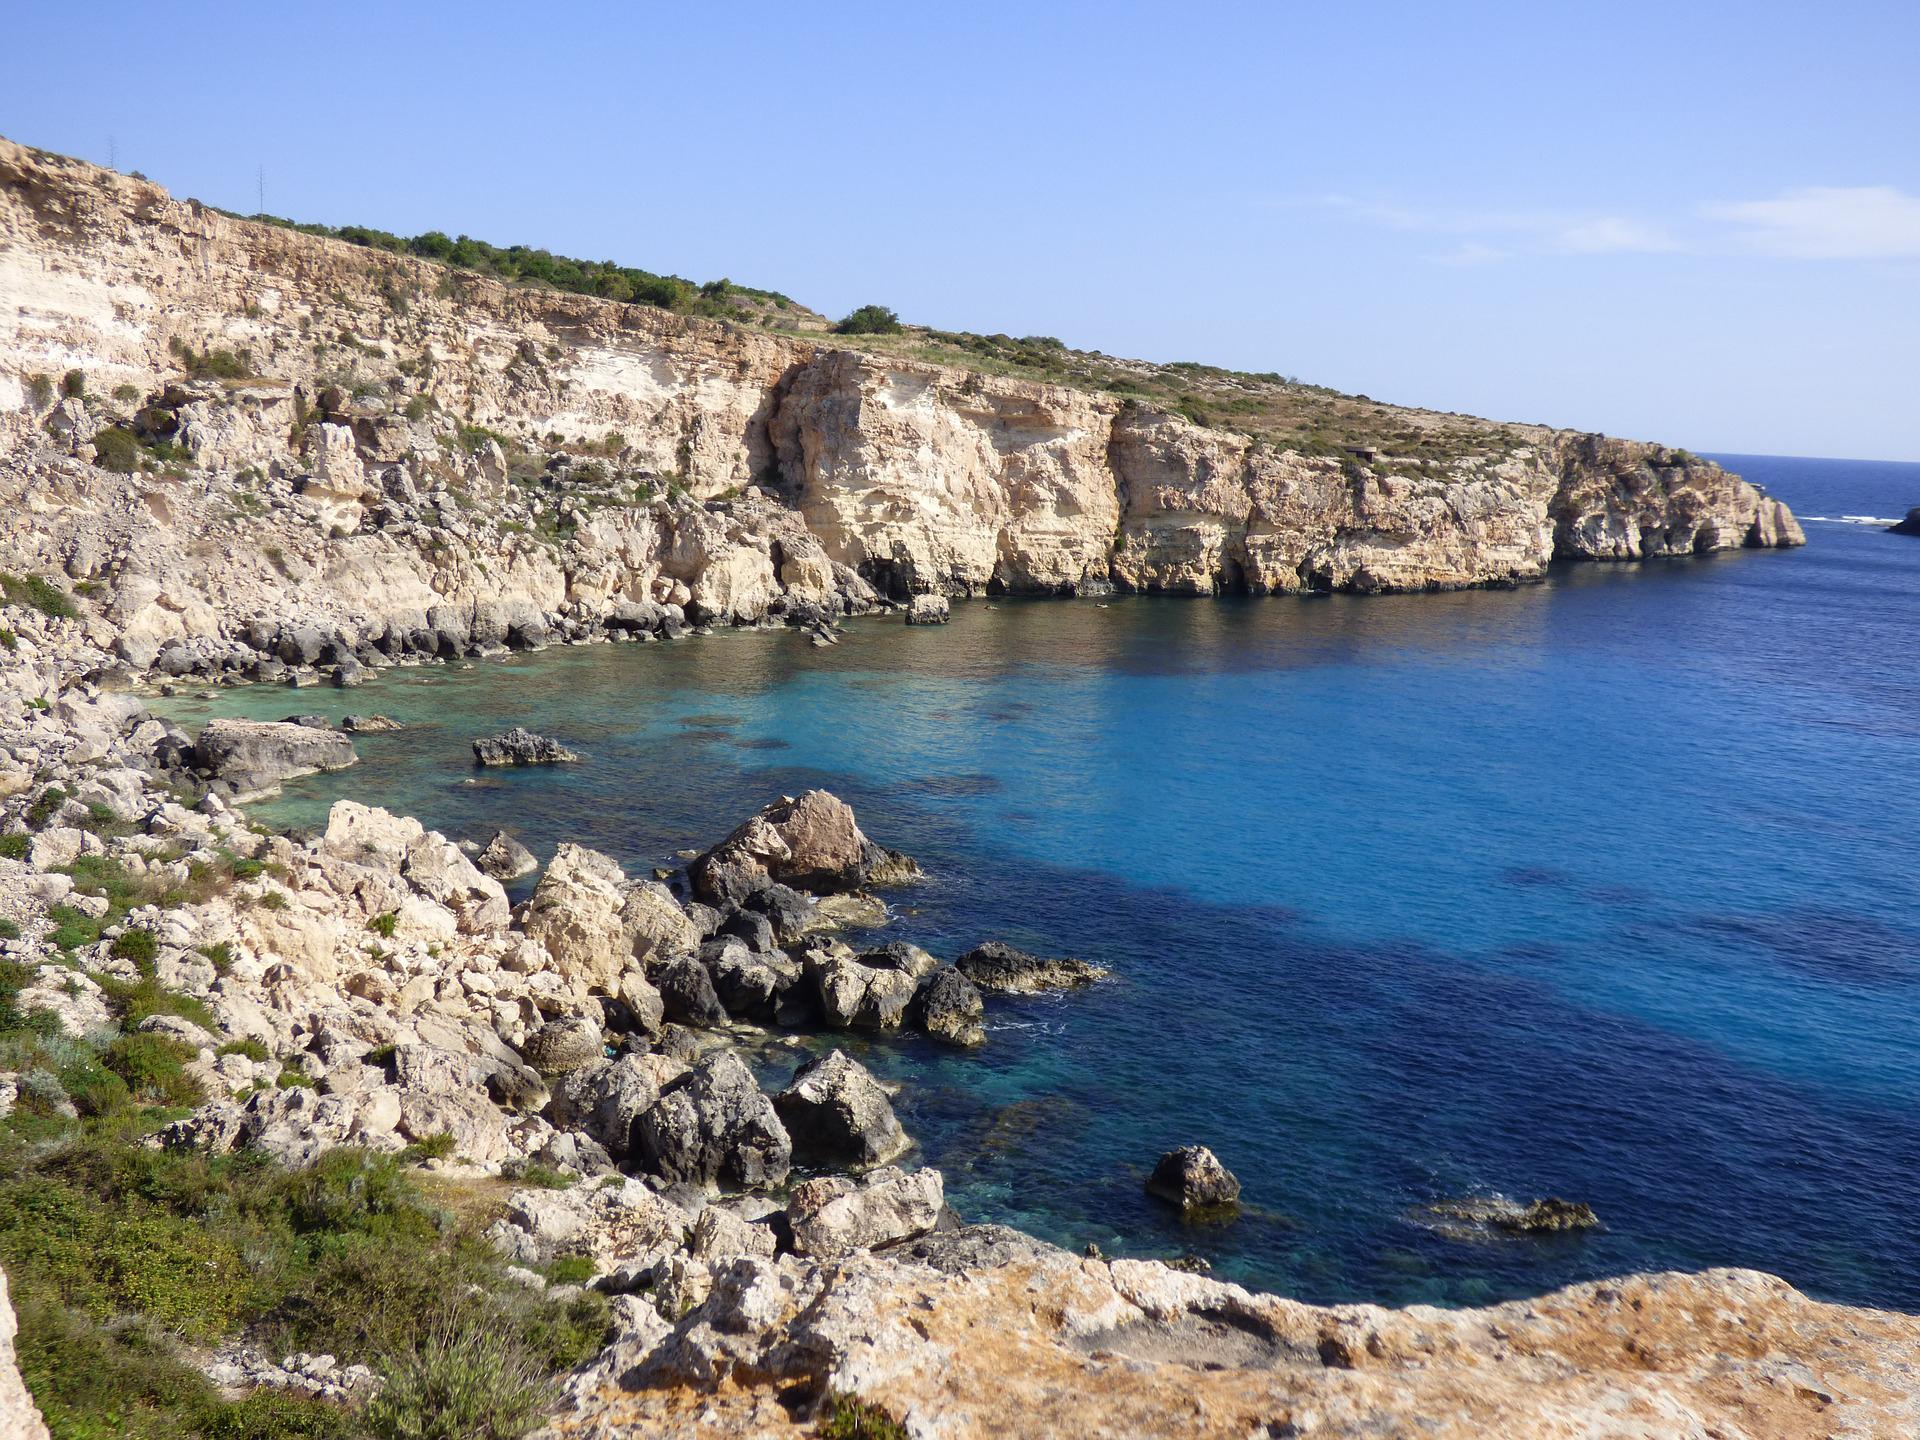 Le spiagge più belle di Malta, Gozo e Comino - San Blas